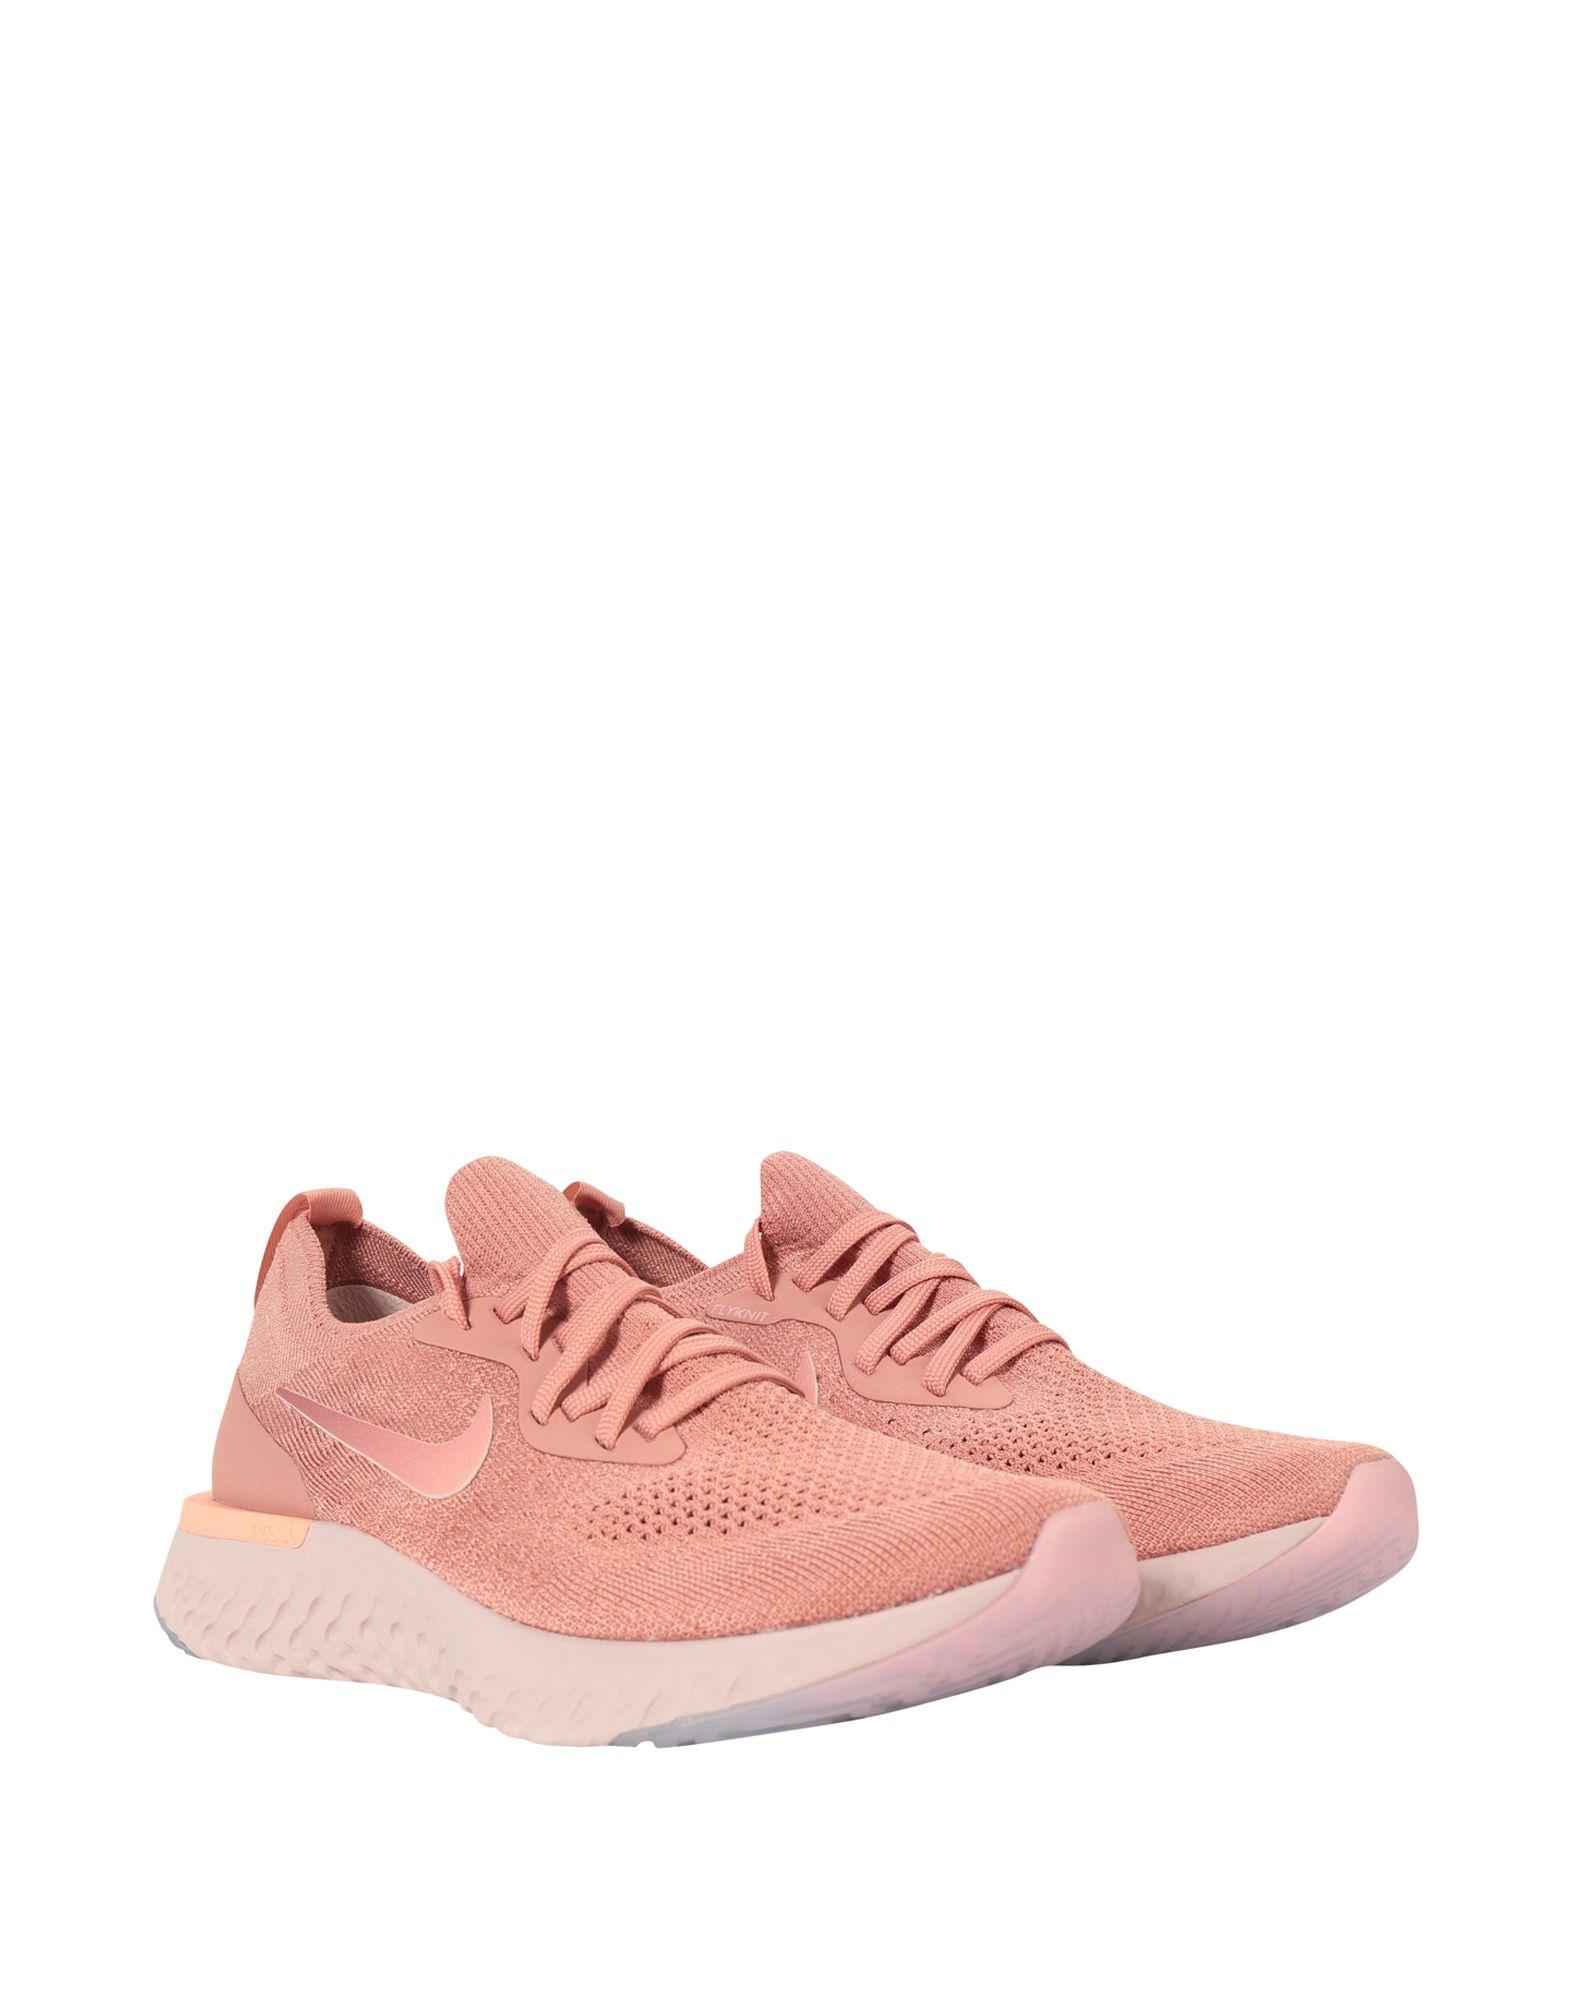 Stilvolle Stilvolle Stilvolle billige Schuhe Nike  Epic React Flyknit  11549457GK 54f958